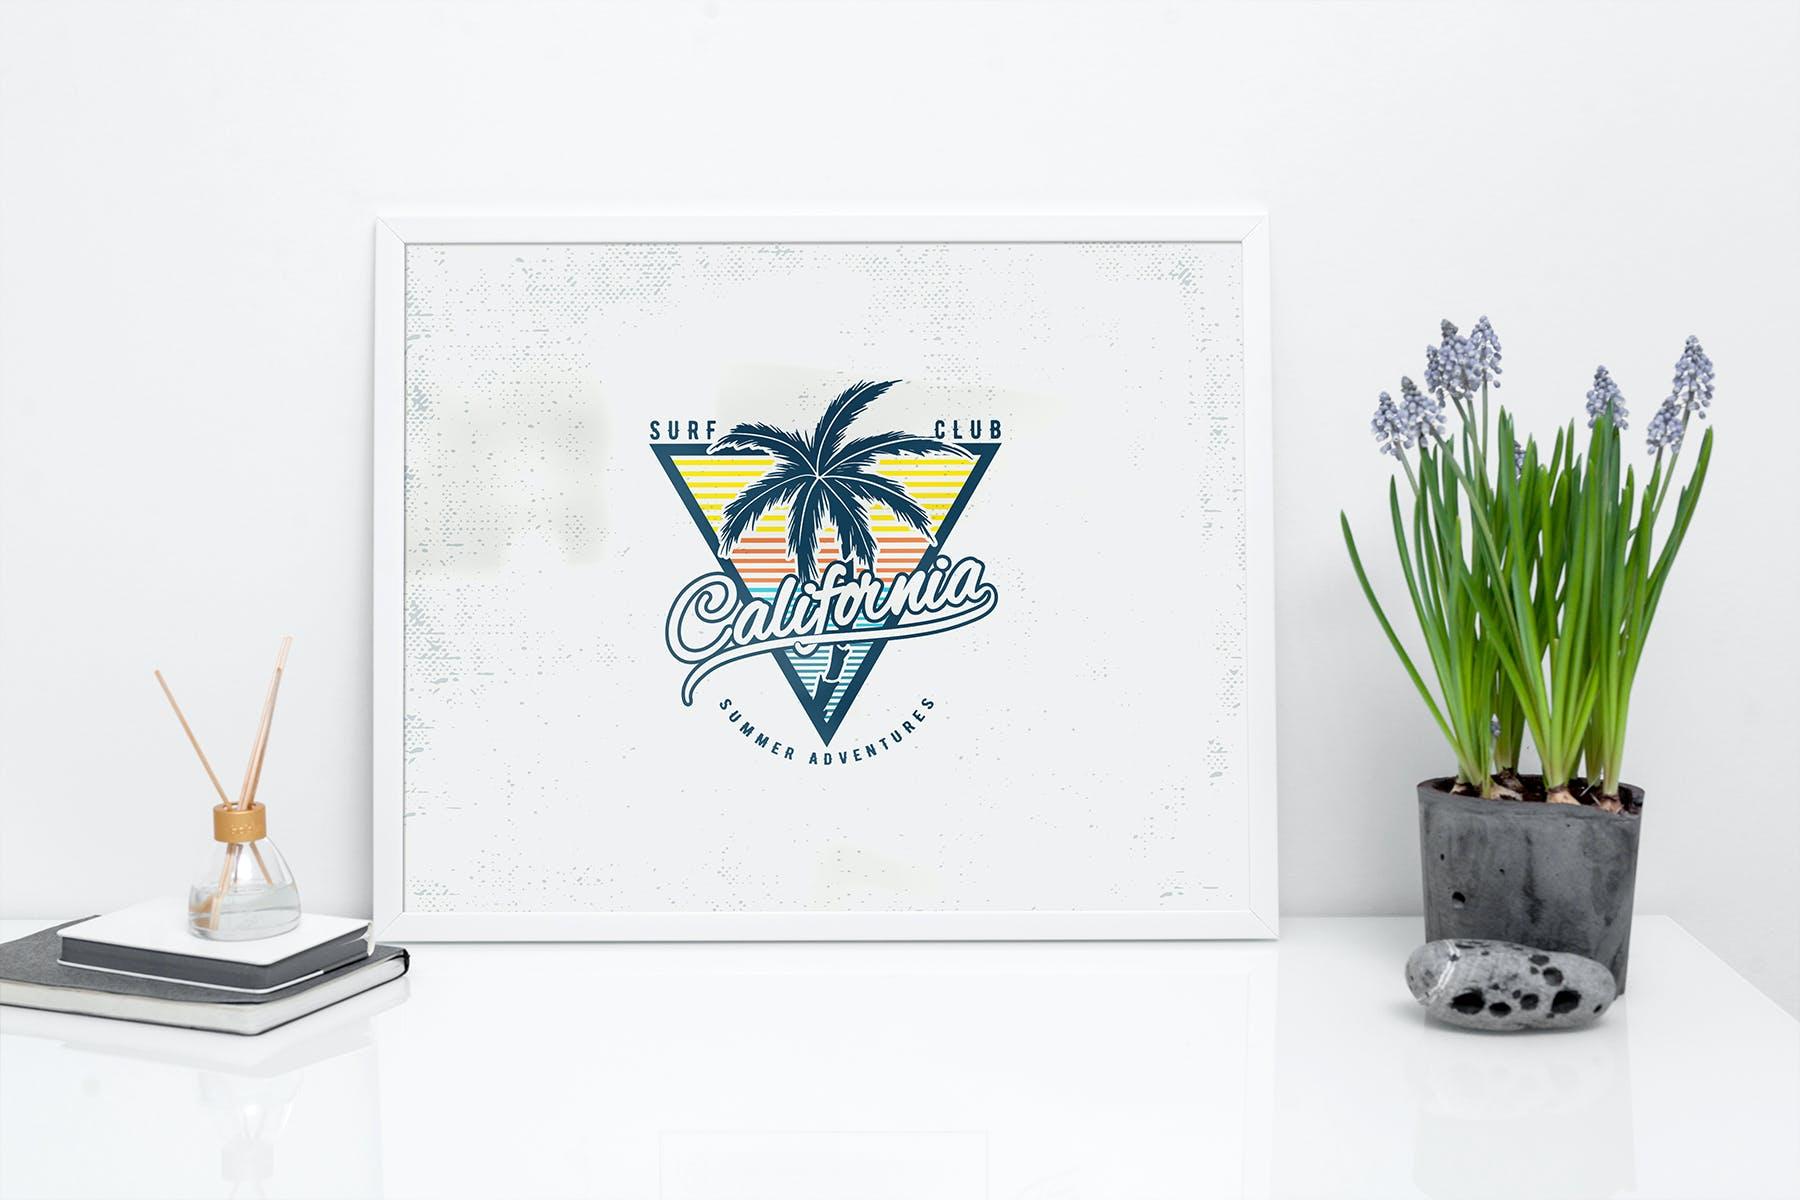 室内相片艺术品海报展示相框样机模板 Frame Mockup Home Style插图(5)